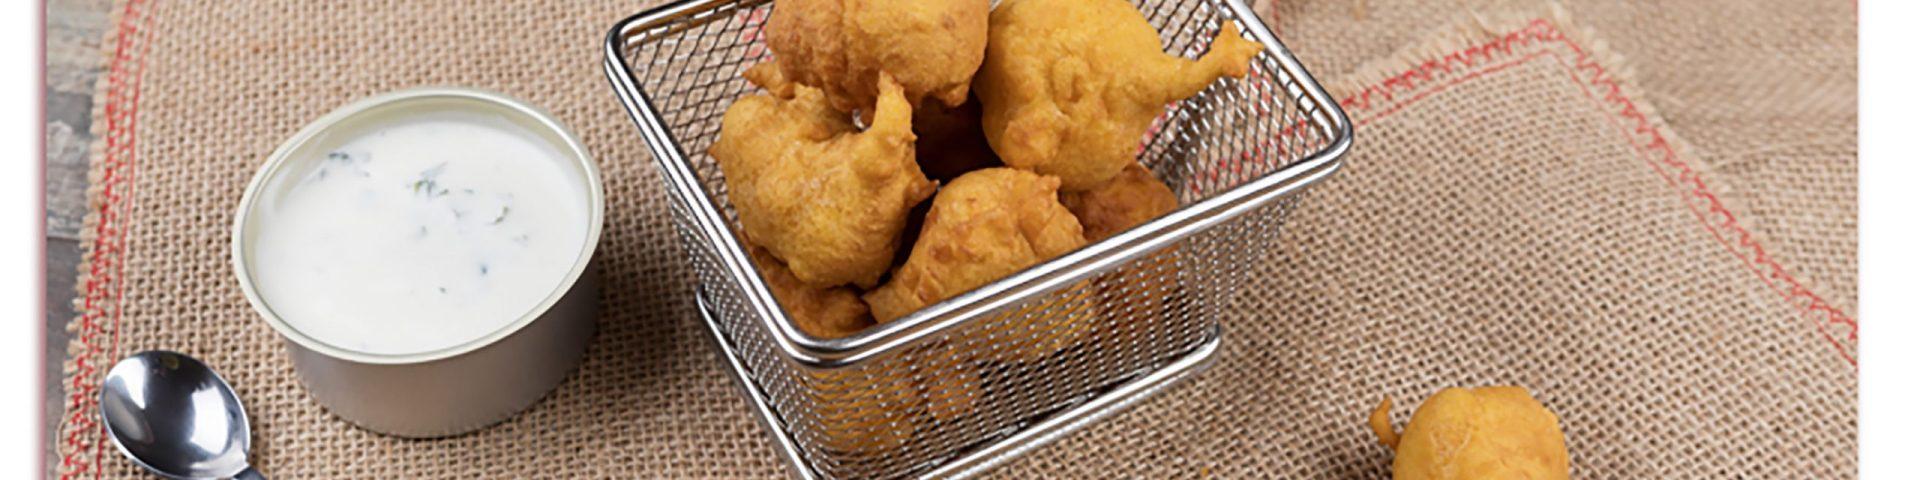 buñuelos de San Isidro